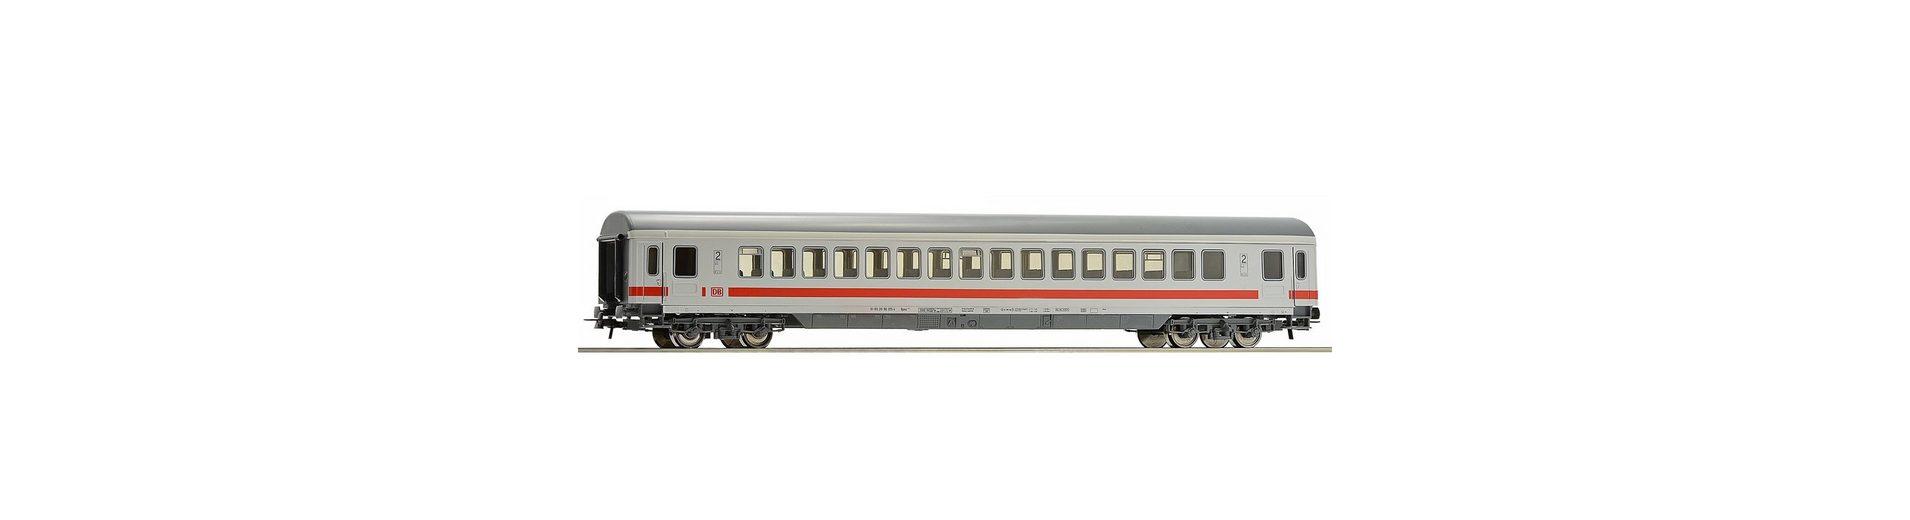 Roco Personenwagen, Spur H0, »2. Klasse IC-Großraumwagen, DB AG - Gleichstrom«